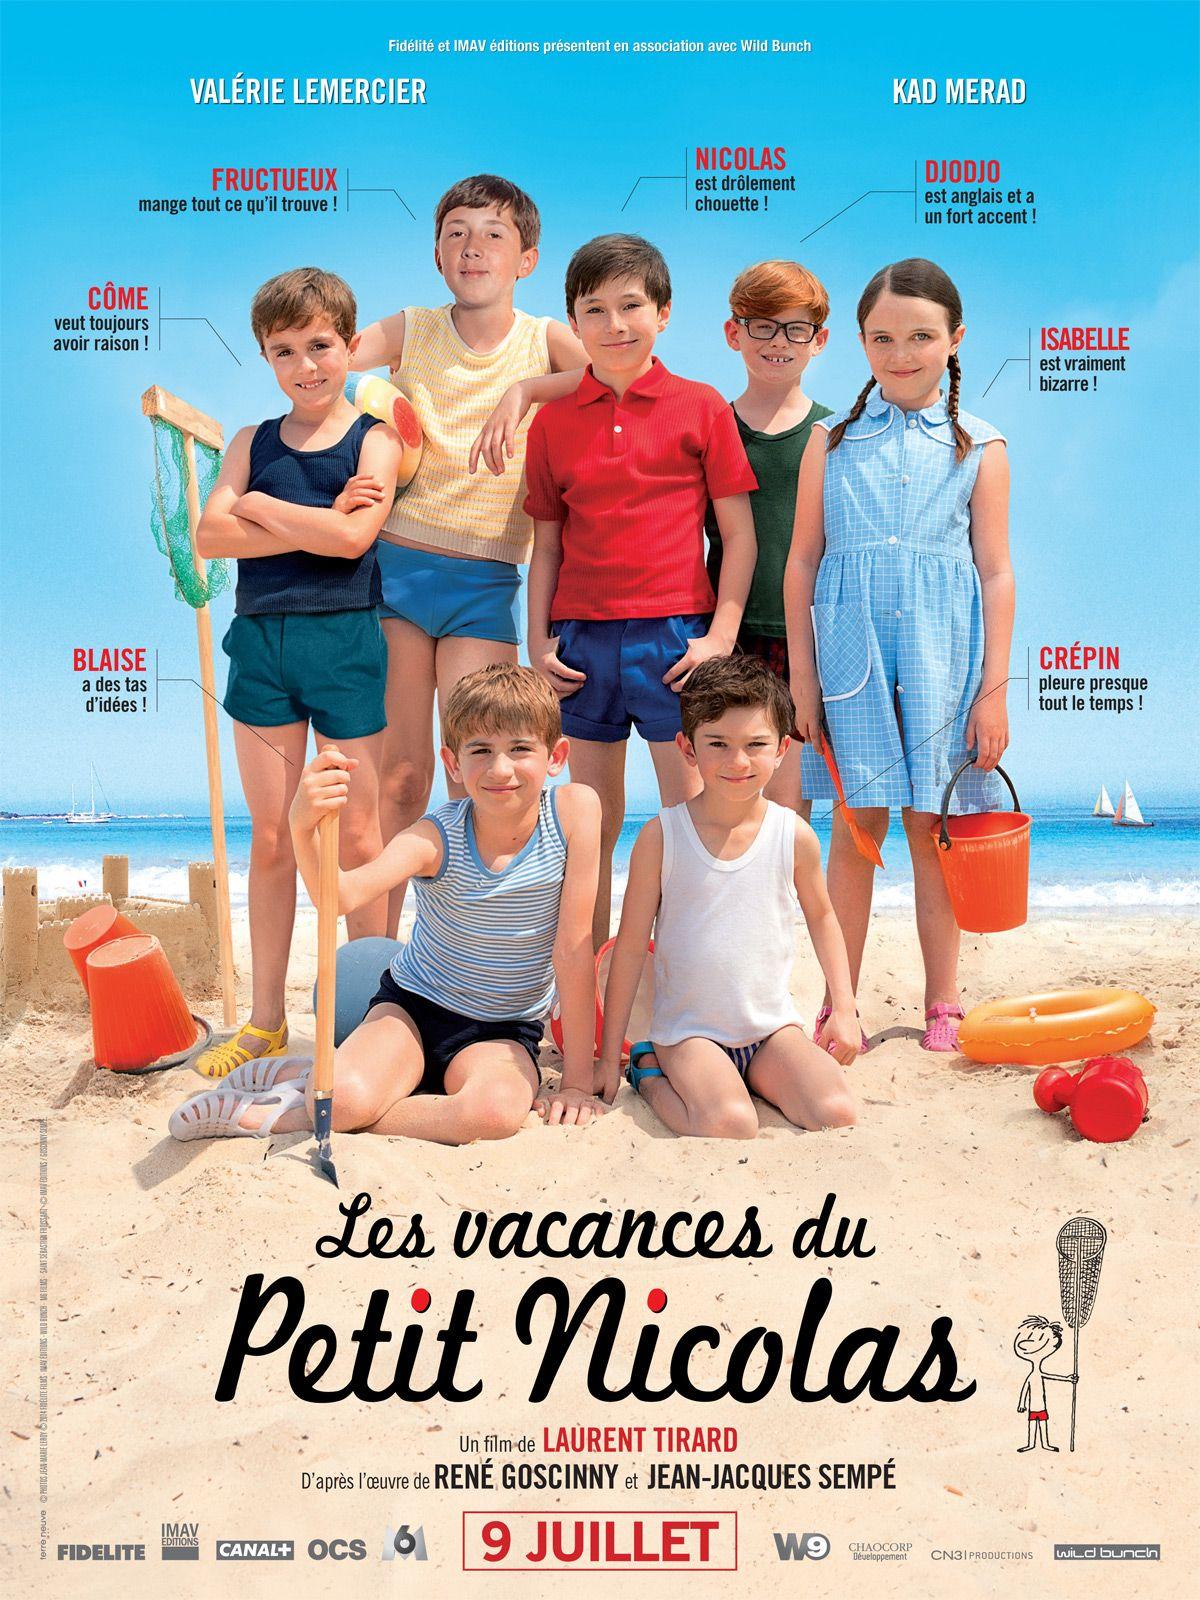 Le petit nicolas 2 films vacances pinterest note films and movie - Le petit nicolas film ...